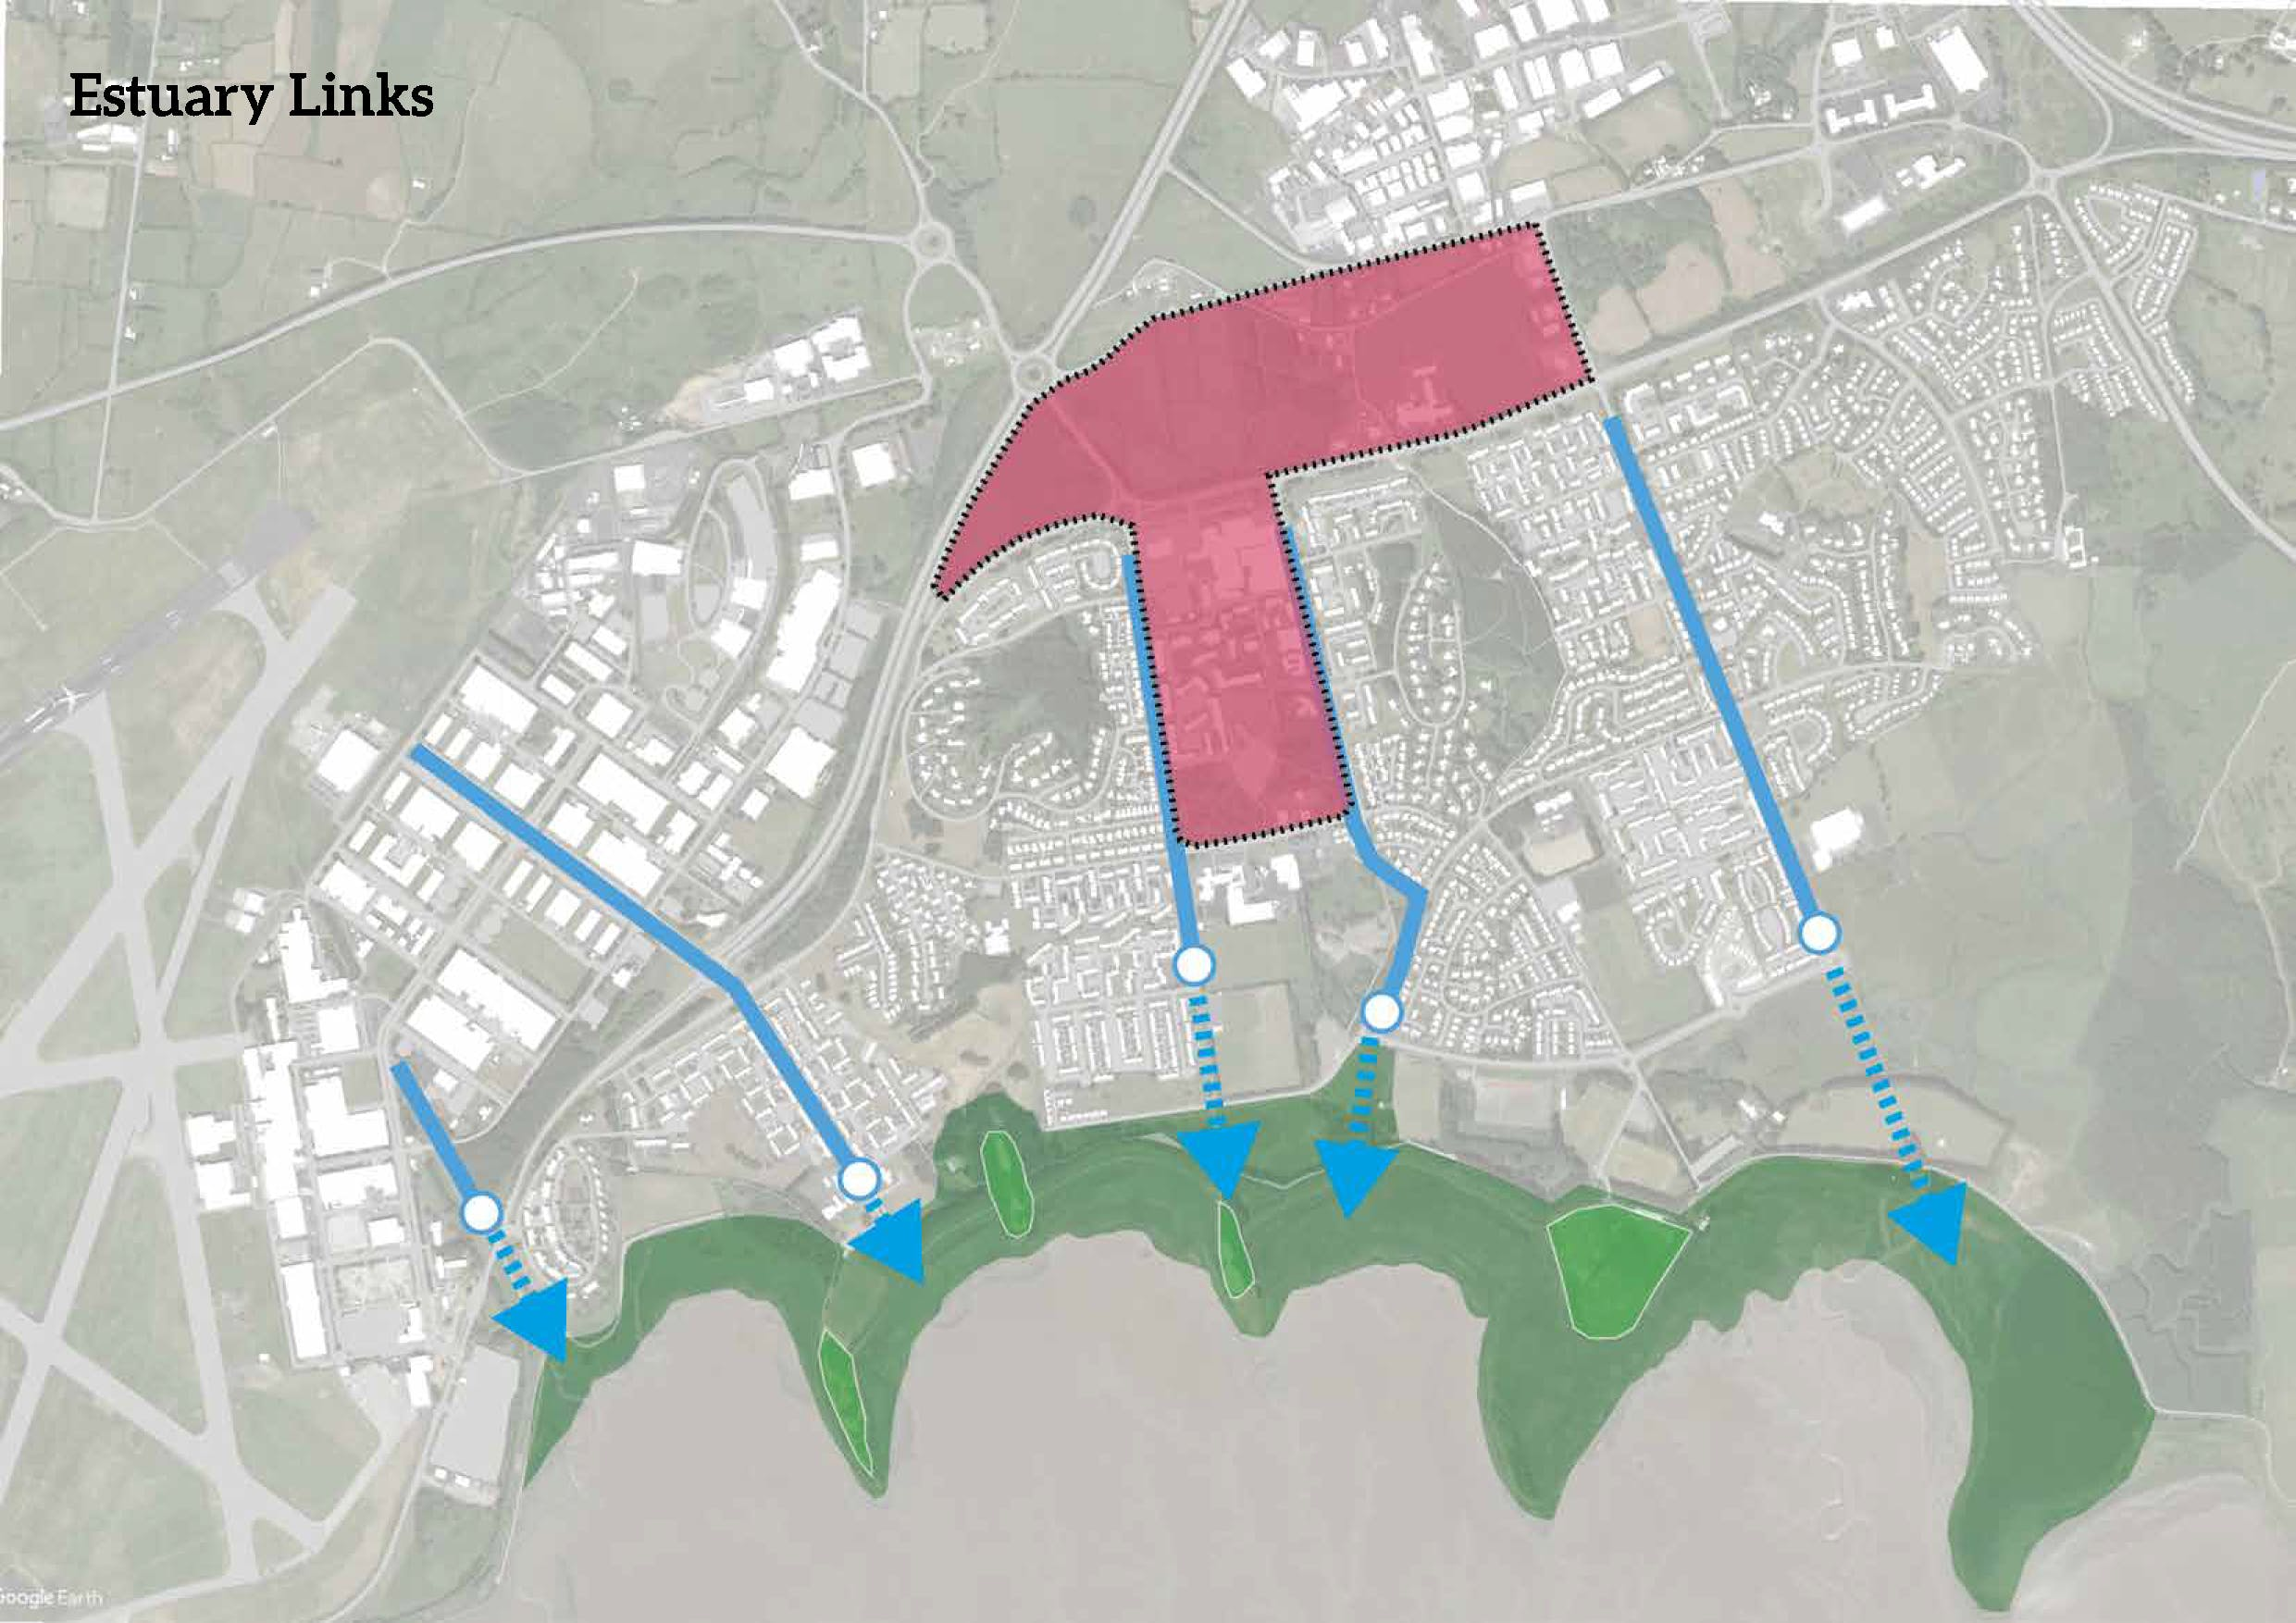 Estuary Links